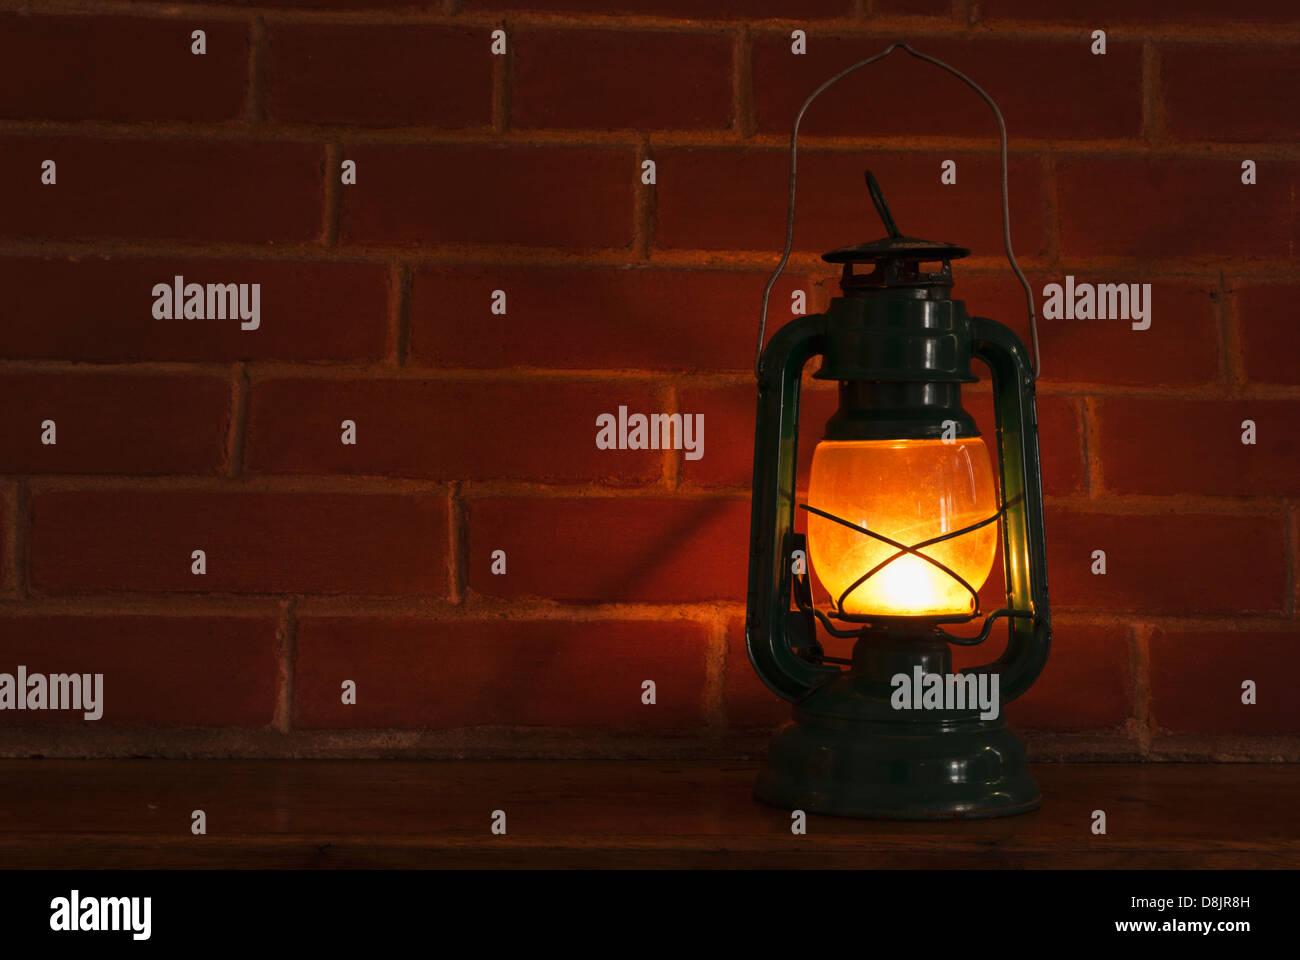 Una lampada ad olio lanterna illuminazione di stile nella parte anteriore di un brickwall sfondo. Immagini Stock